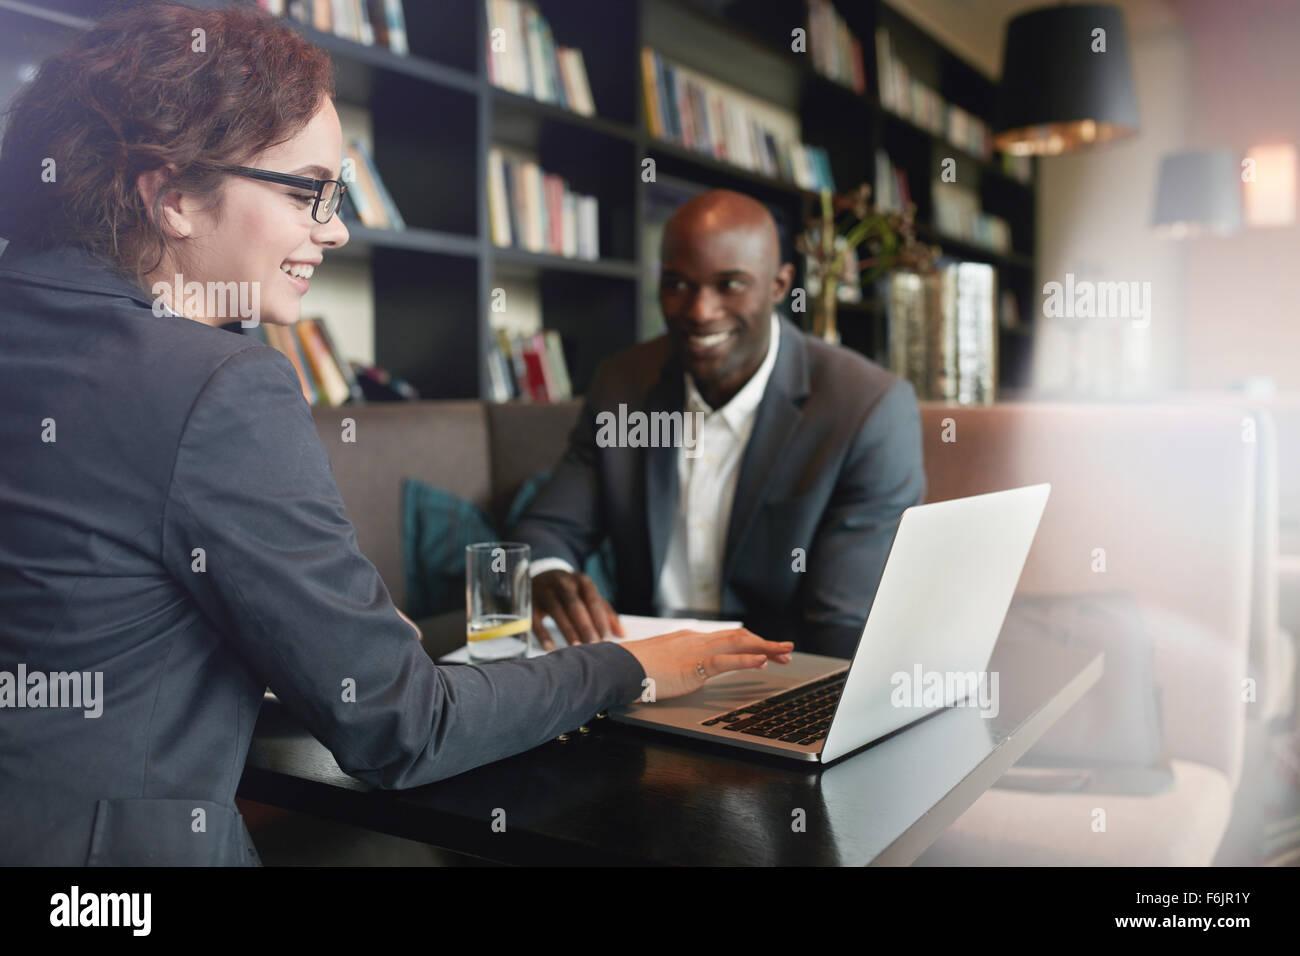 Young businesswoman showing présentation sur ordinateur portable à son partenaire en affaires. Heureux Photo Stock